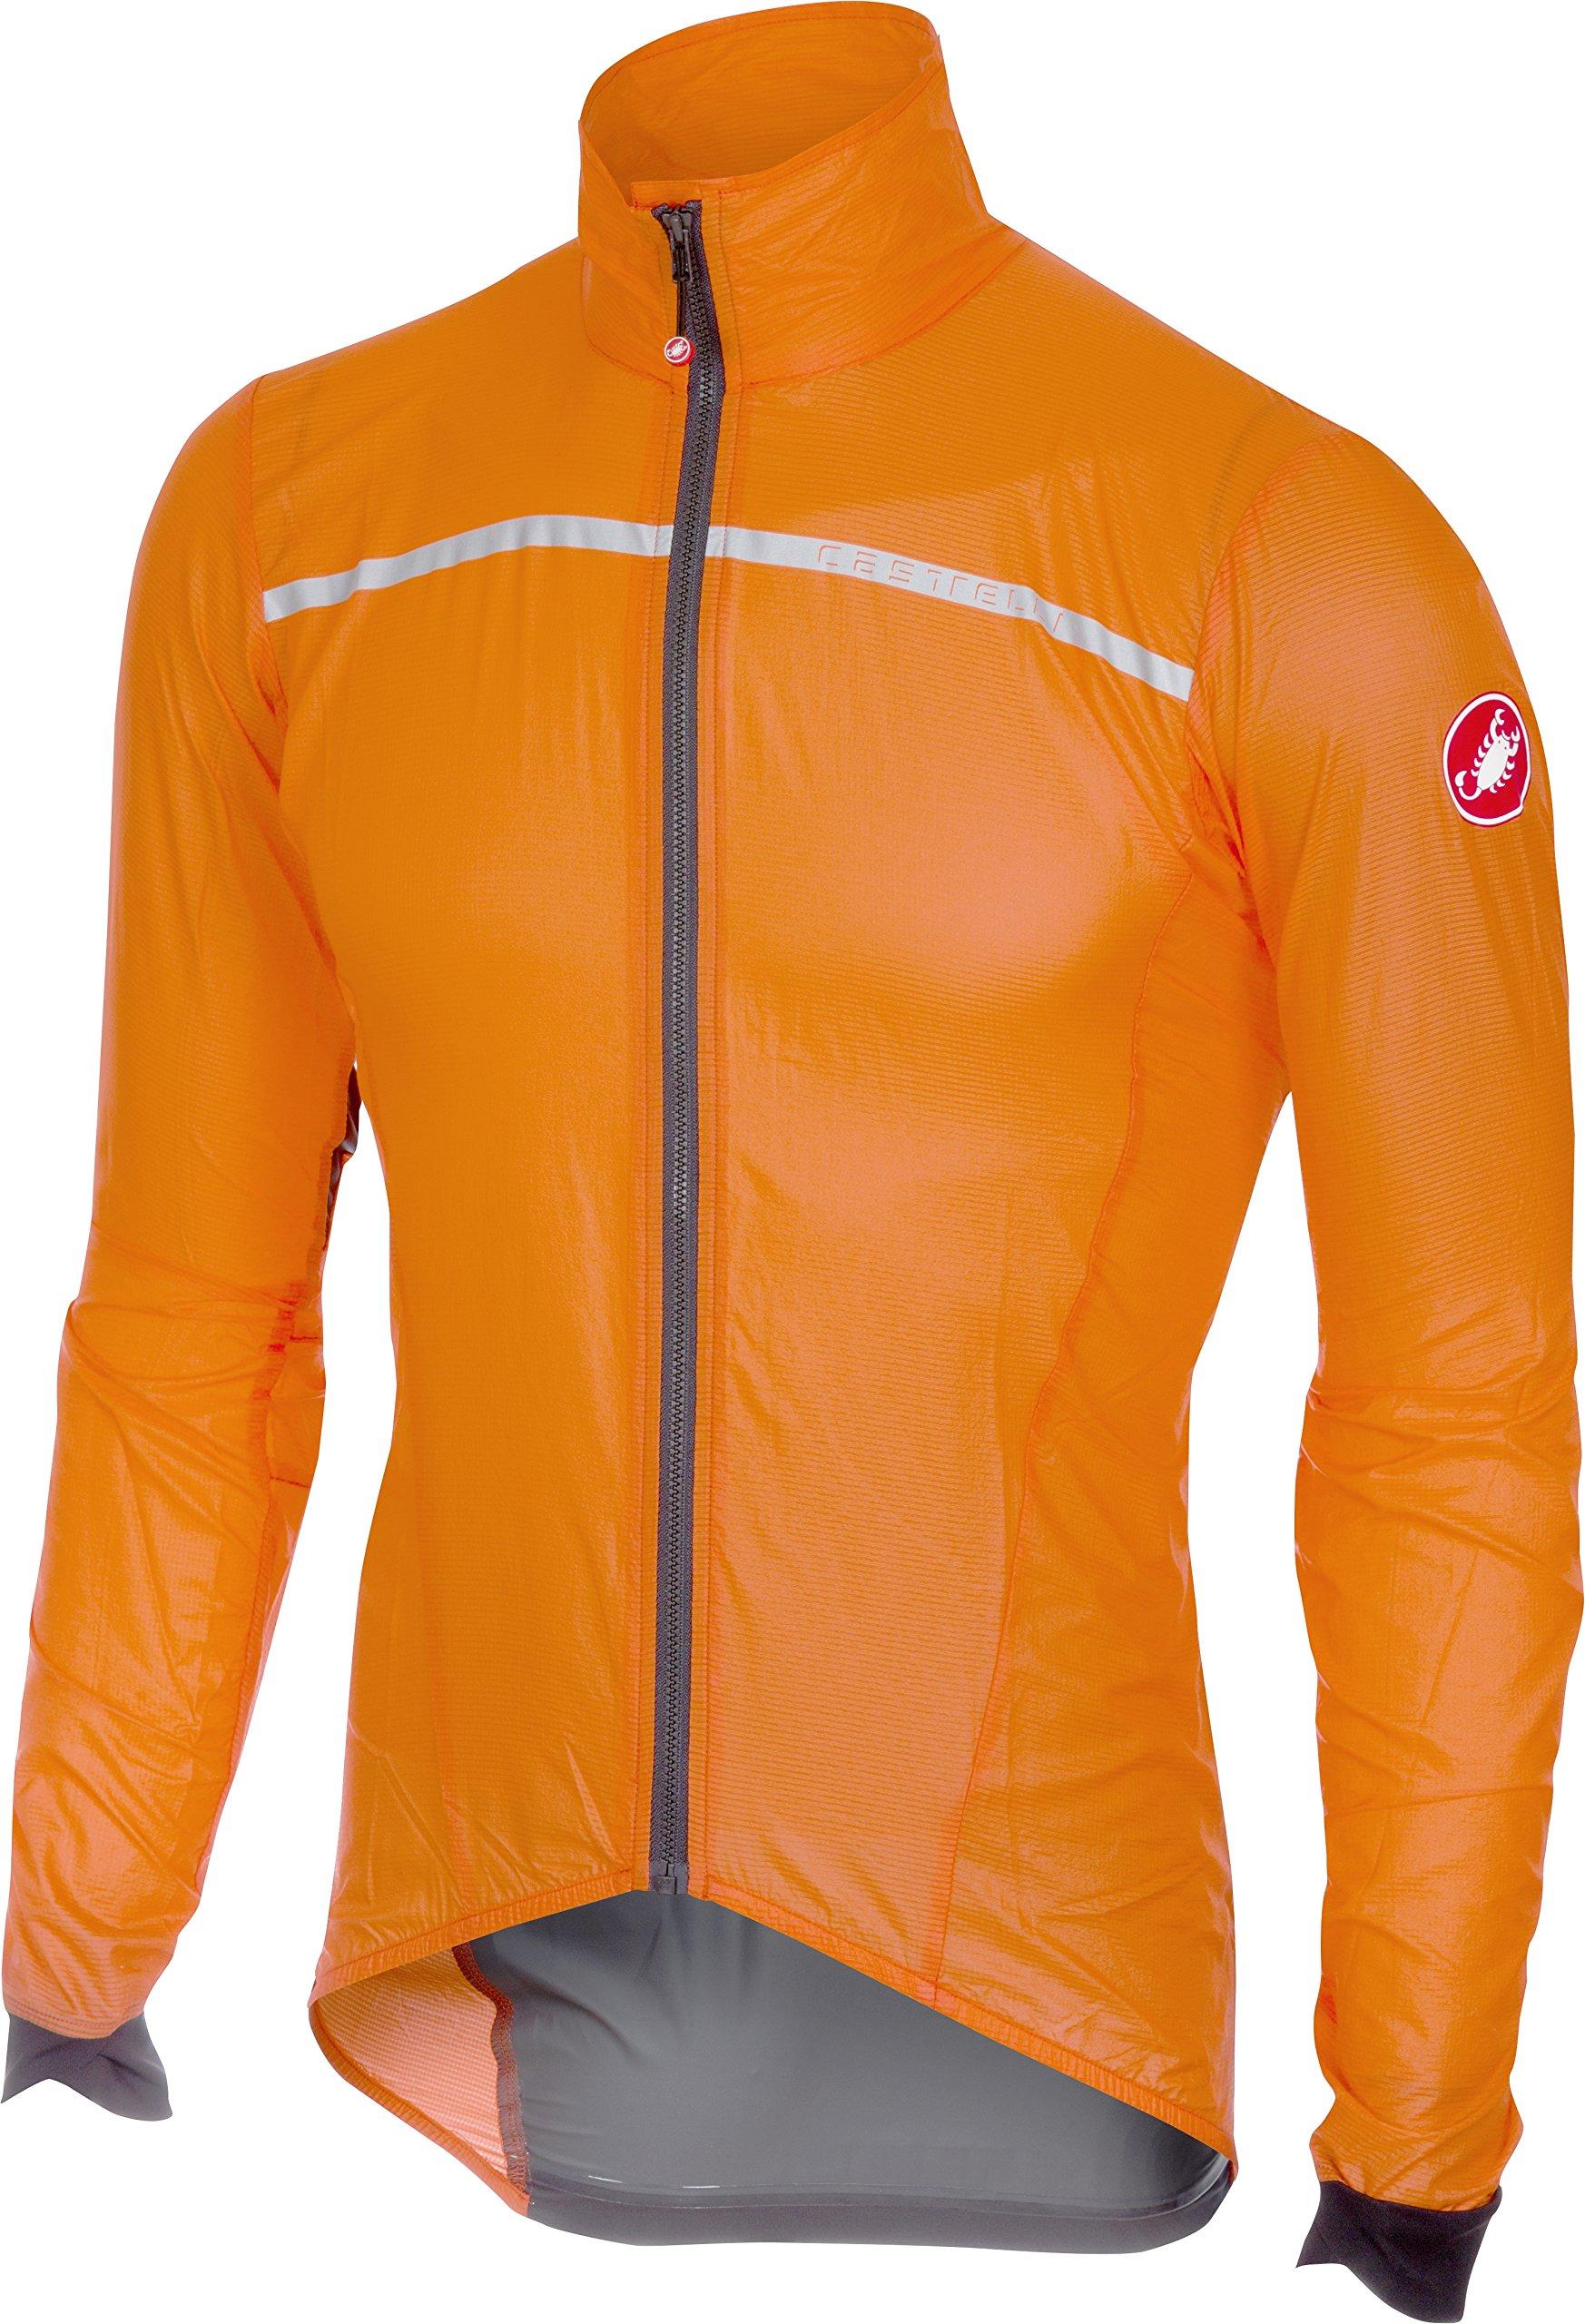 Castelli Superleggera Jacket - Men's Orange, S